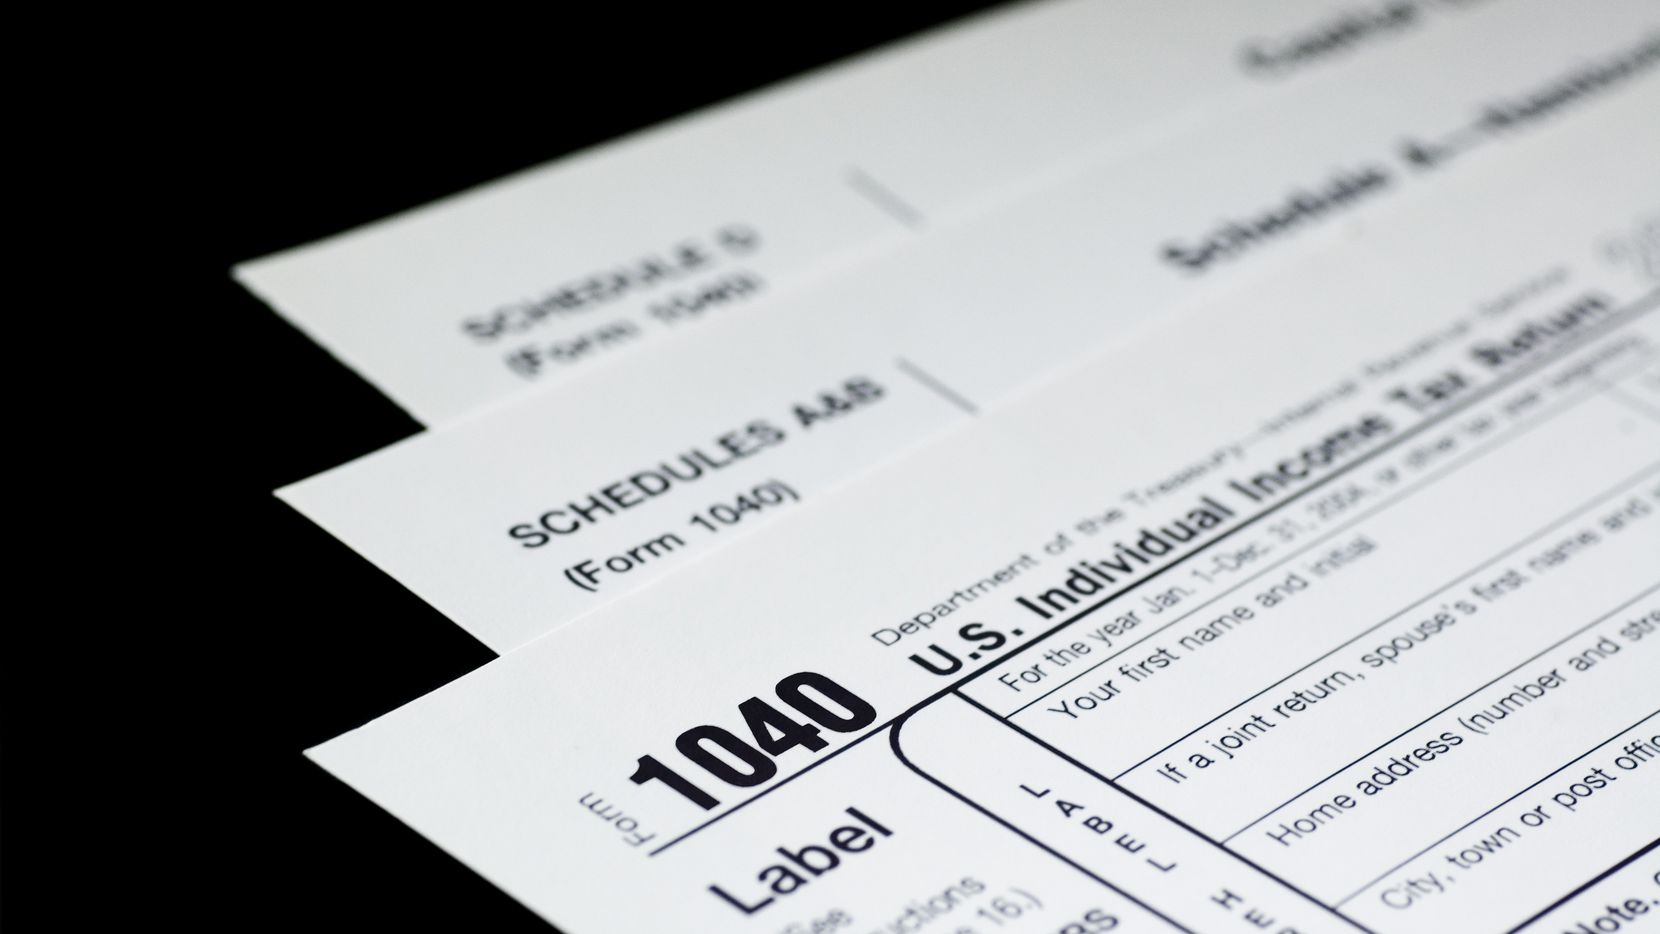 El 17 de mayo es el último día para declarar impuestos al IRS.